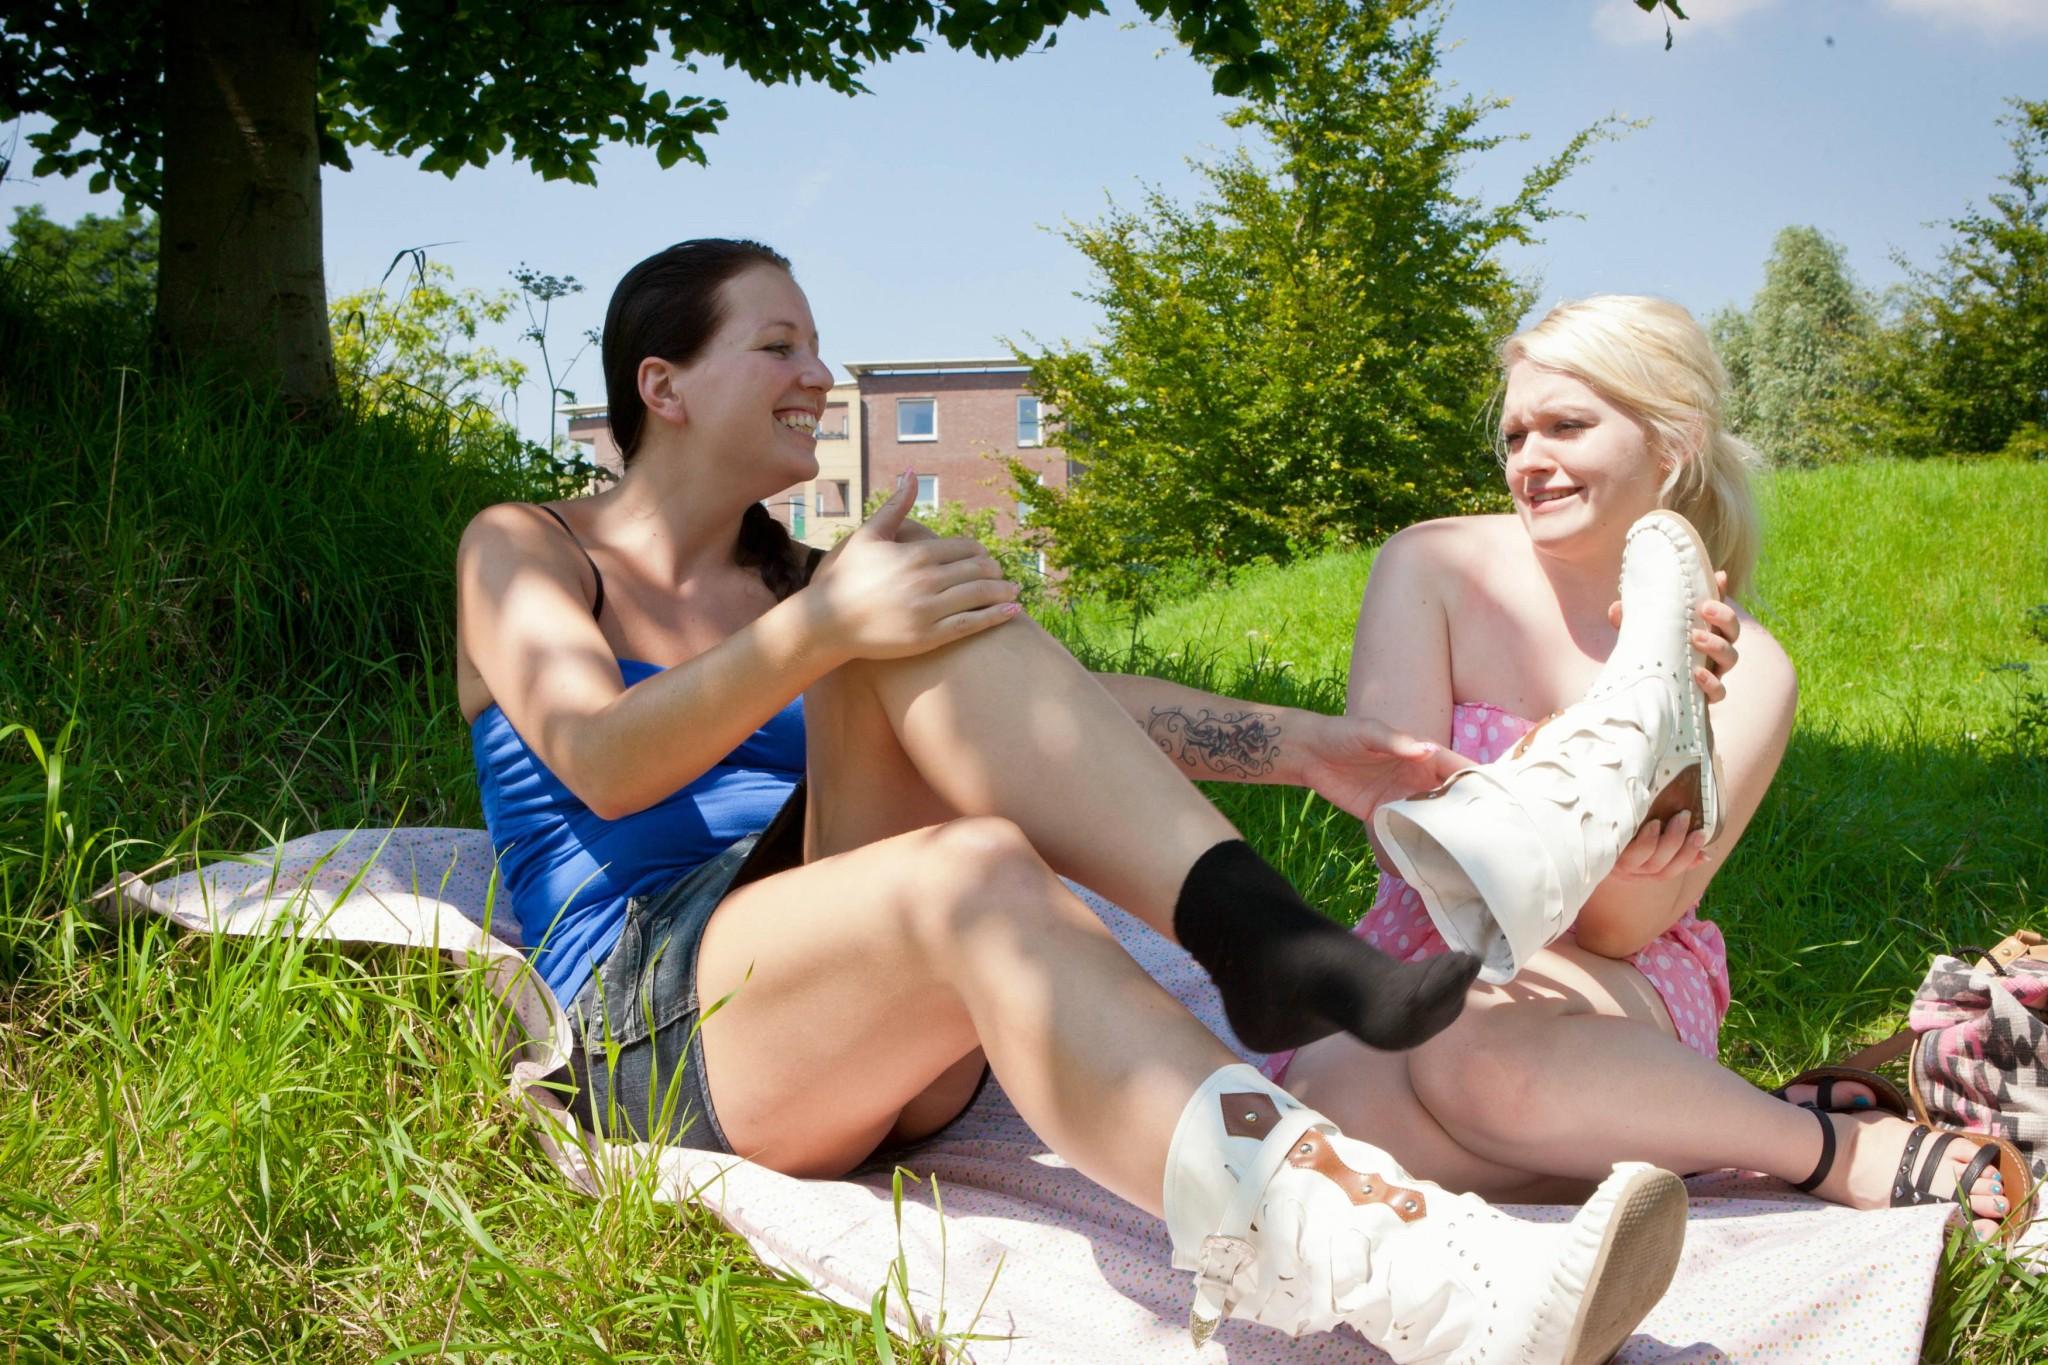 Amateur lesbian sex outdoors